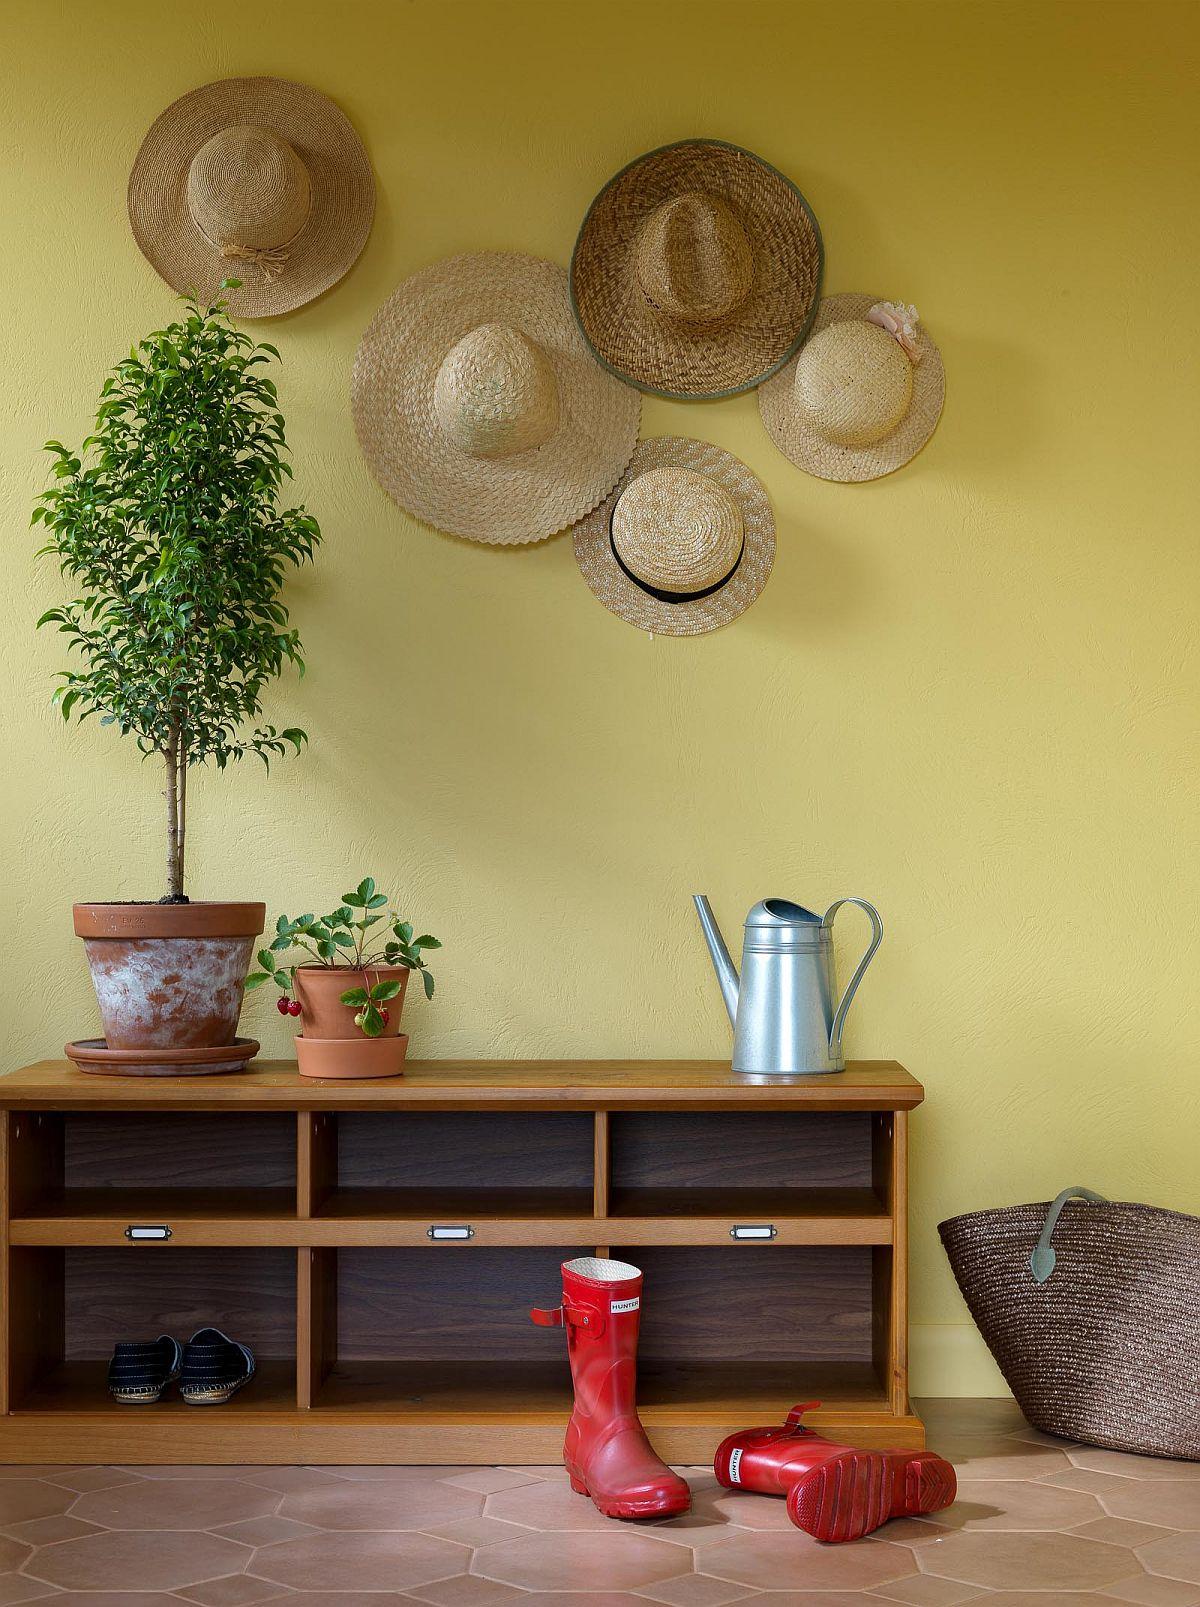 Bức tường tạo điểm nhấn màu vàng êm dịu cho không gian nhập cảnh đương đại với giày và mũ